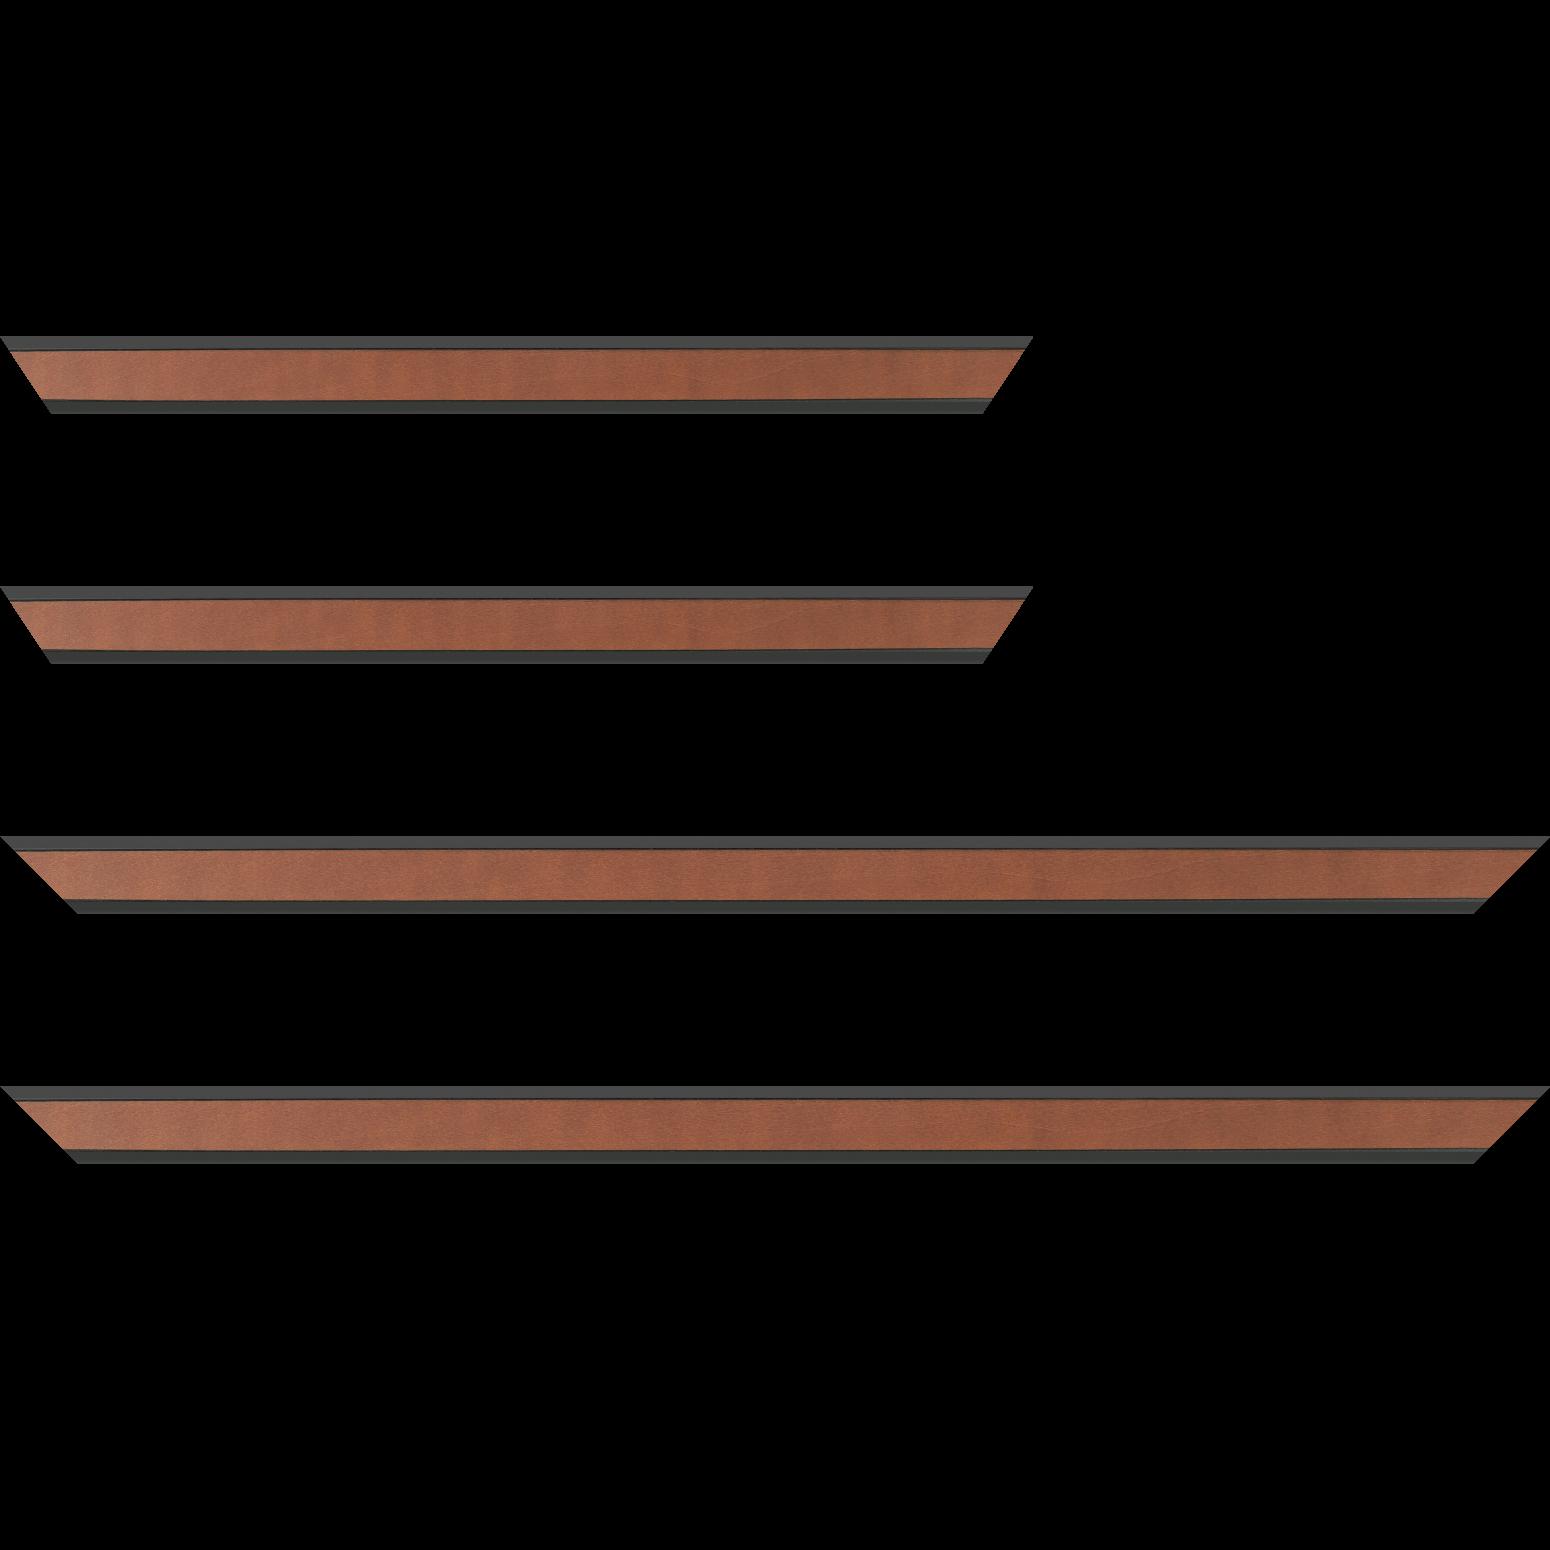 Baguette service précoupé Bois essence marupa profil plat largeur 2.5cm plaquage érable teinté marron clair, filet intérieur et extérieur gris foncé